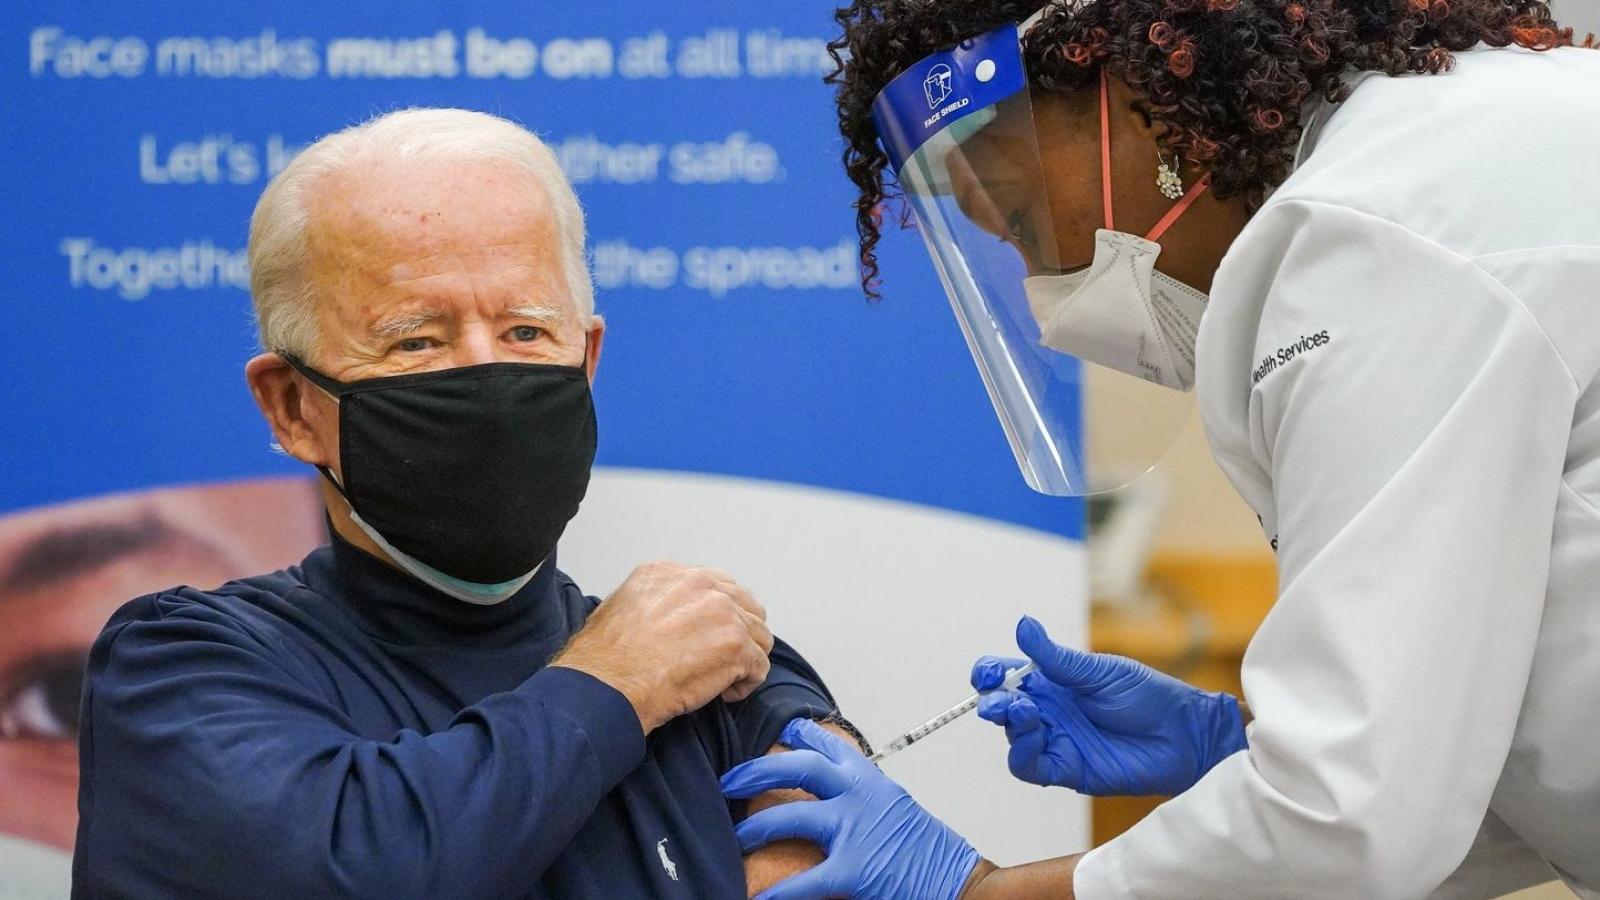 Khoảng 60% người cao tuổi ở Mỹ đã được tiêm ít nhất một liều vaccine ngừa Covid-19